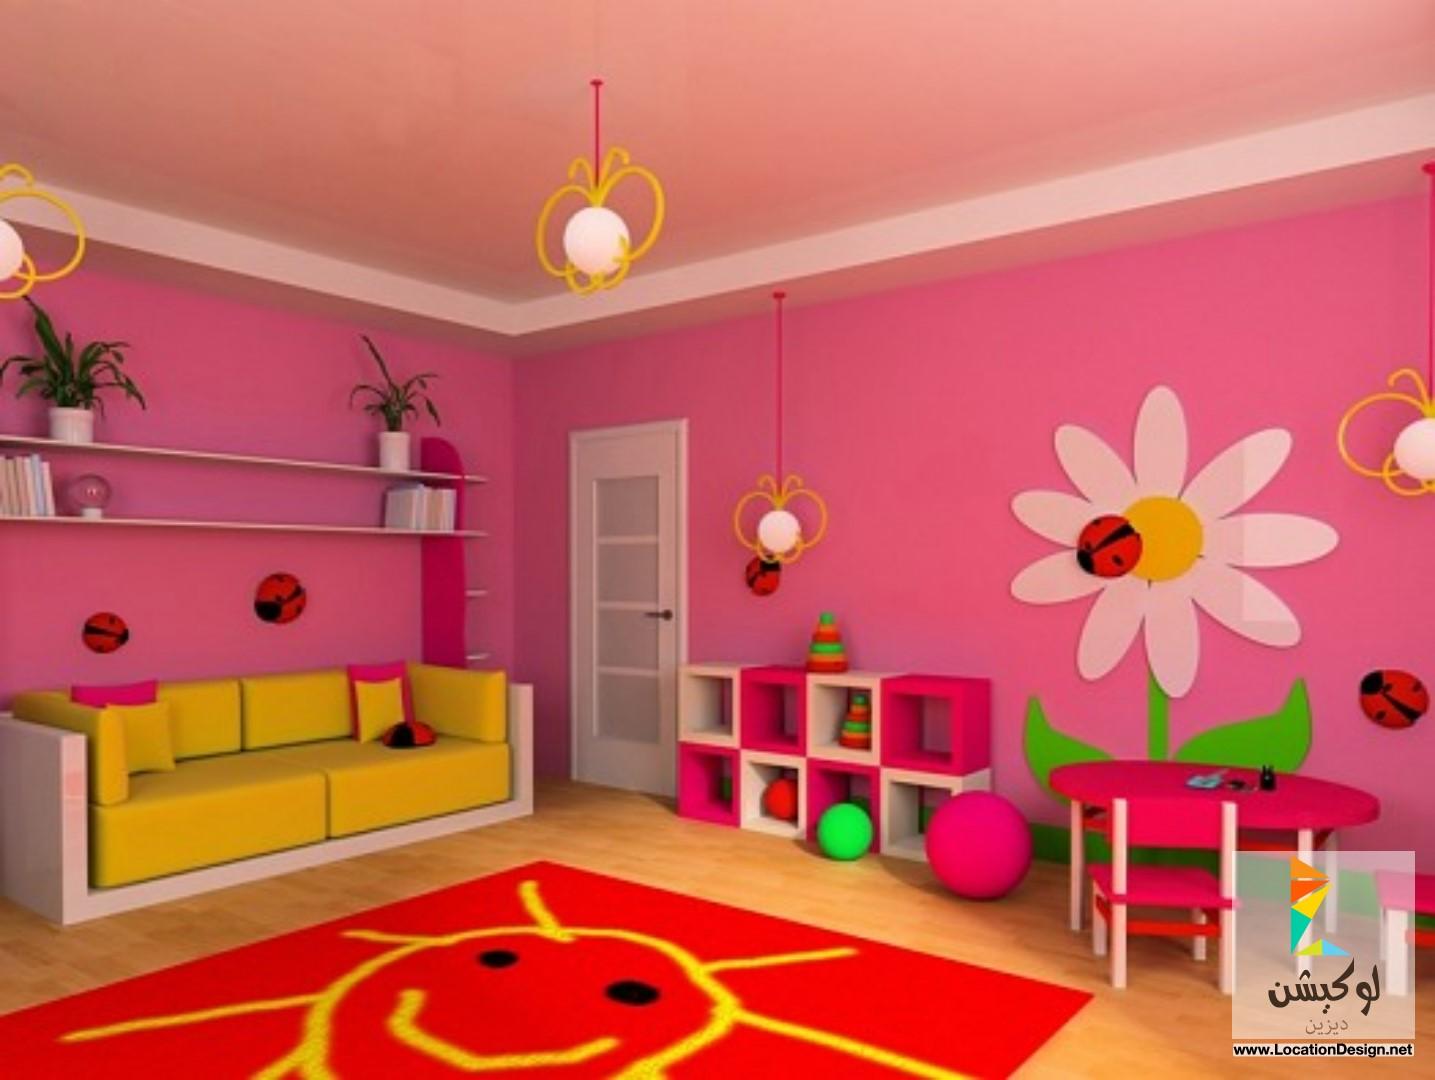 بالصور الوان غرف نوم اطفال , اجعل طفلك سعيدا . 6326 4